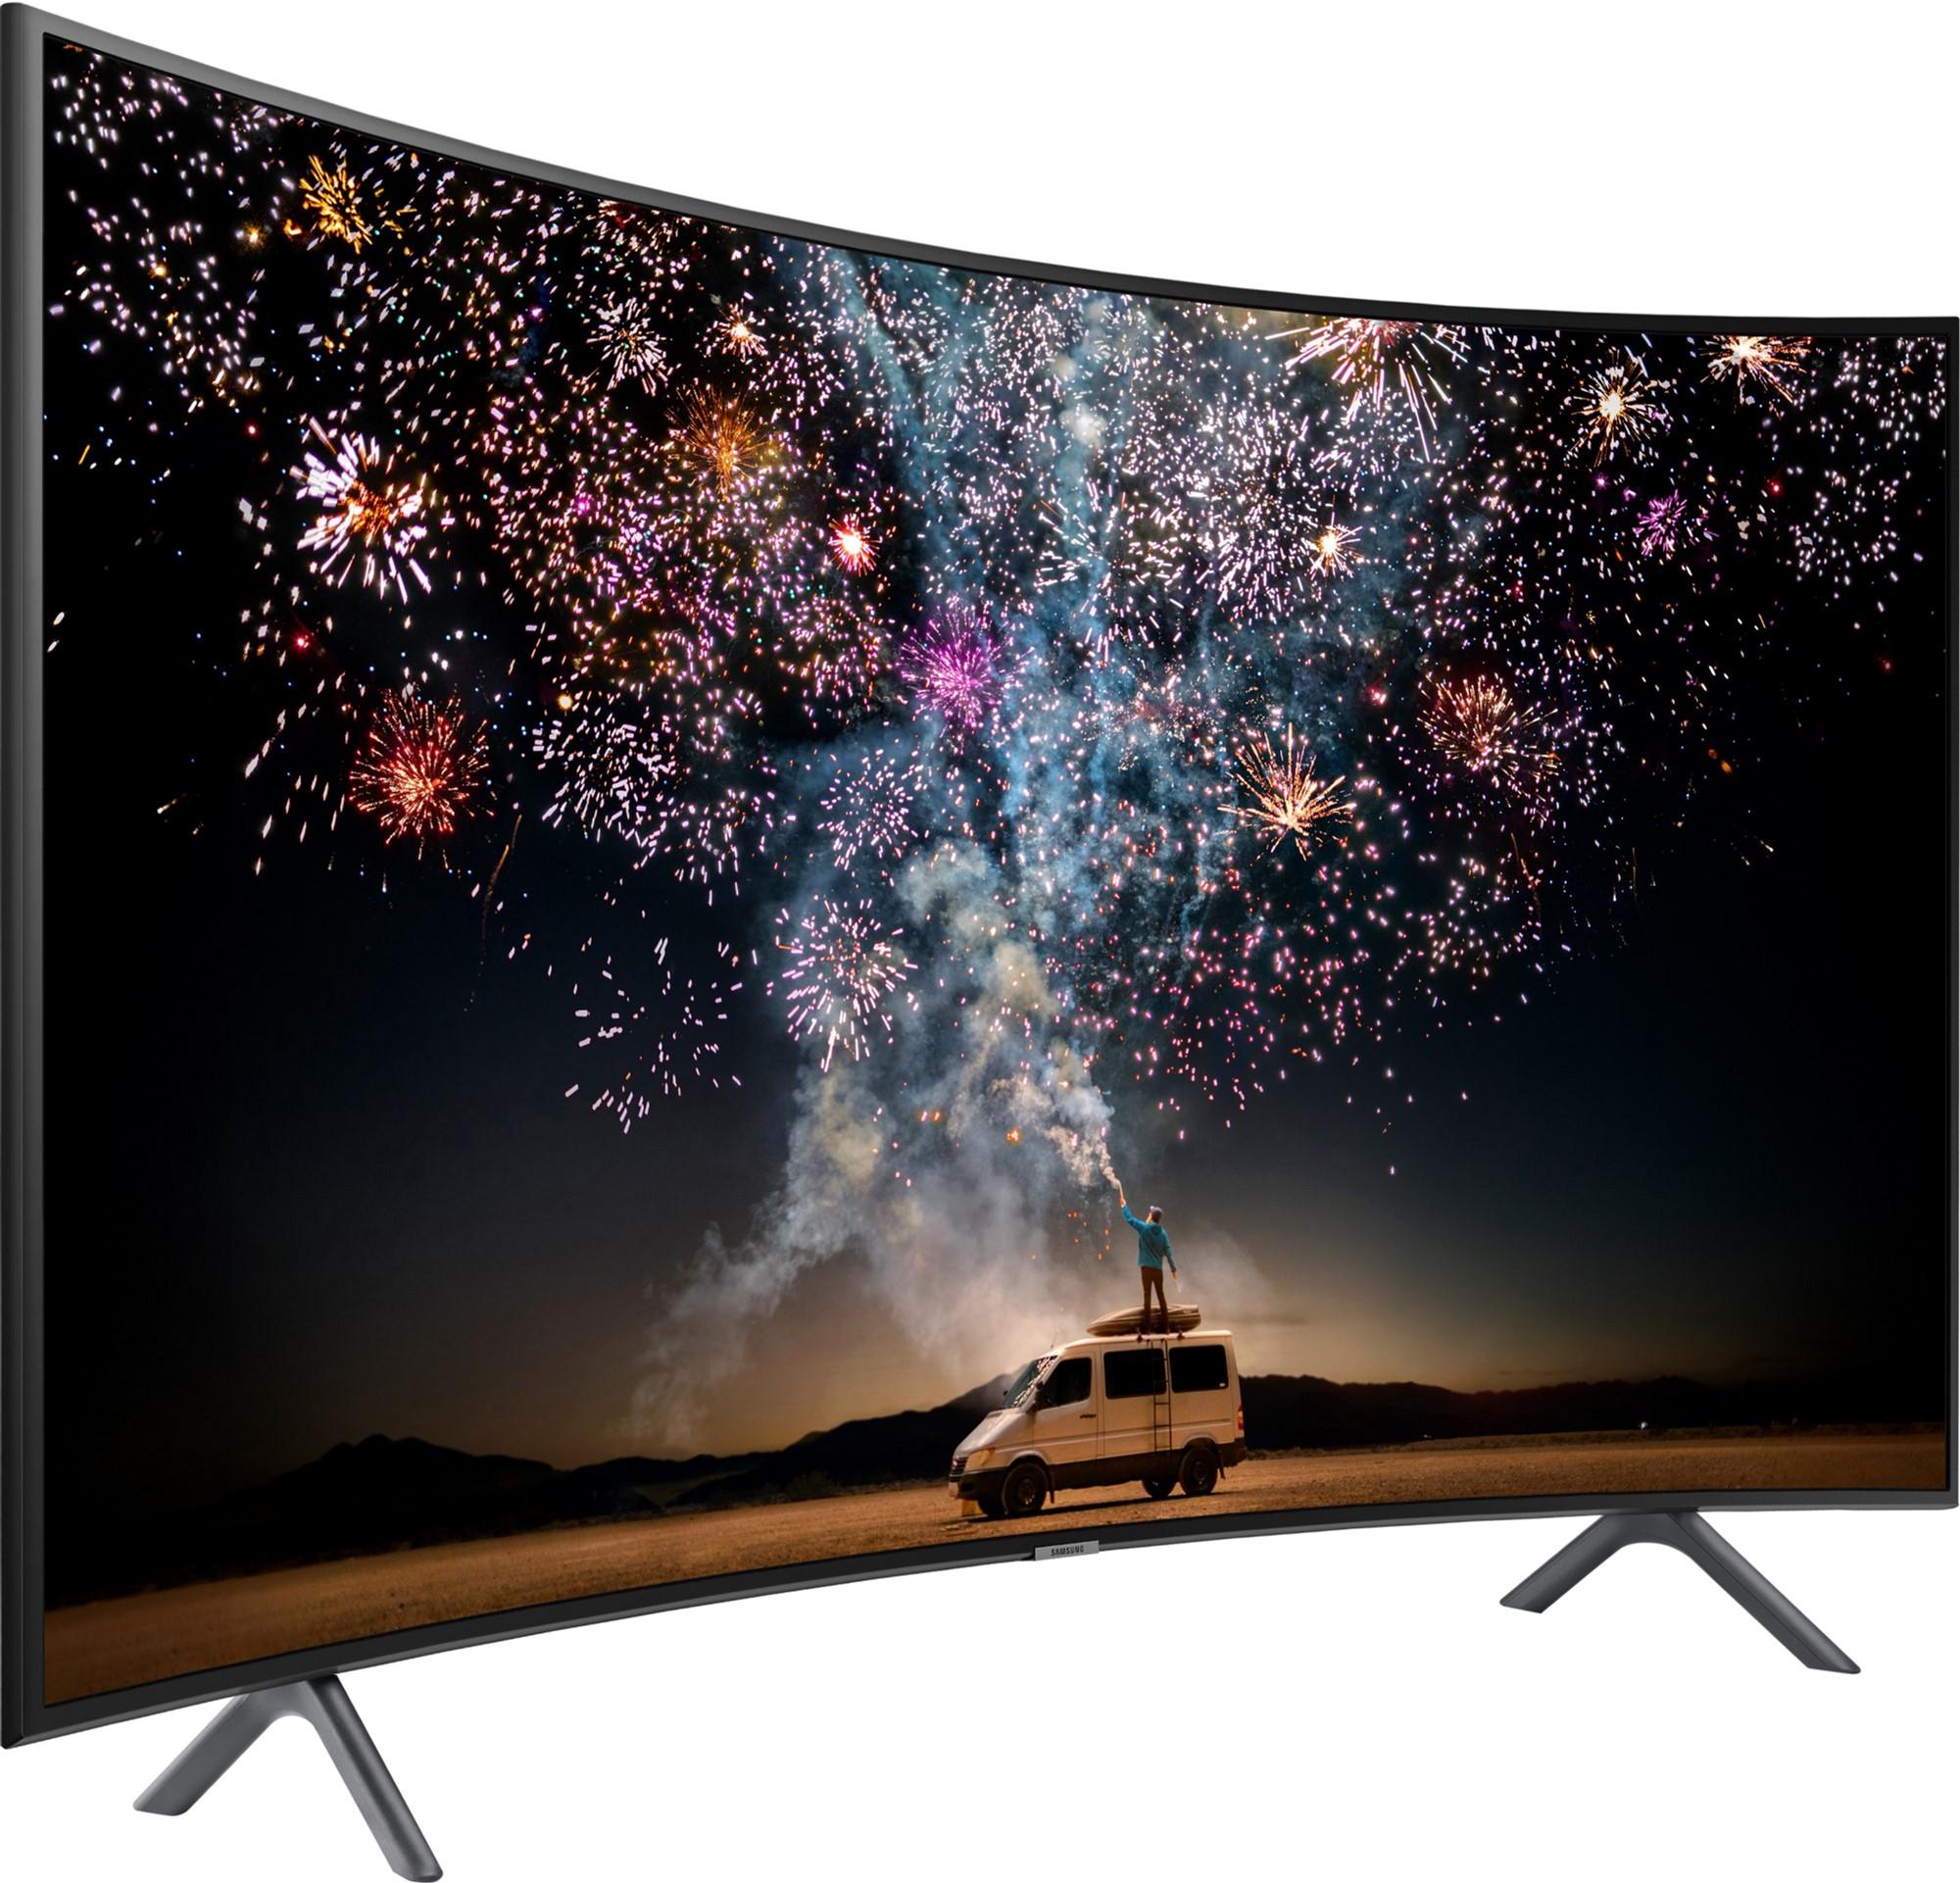 Samsung блокирует некоторые функции своих телевизоров в России